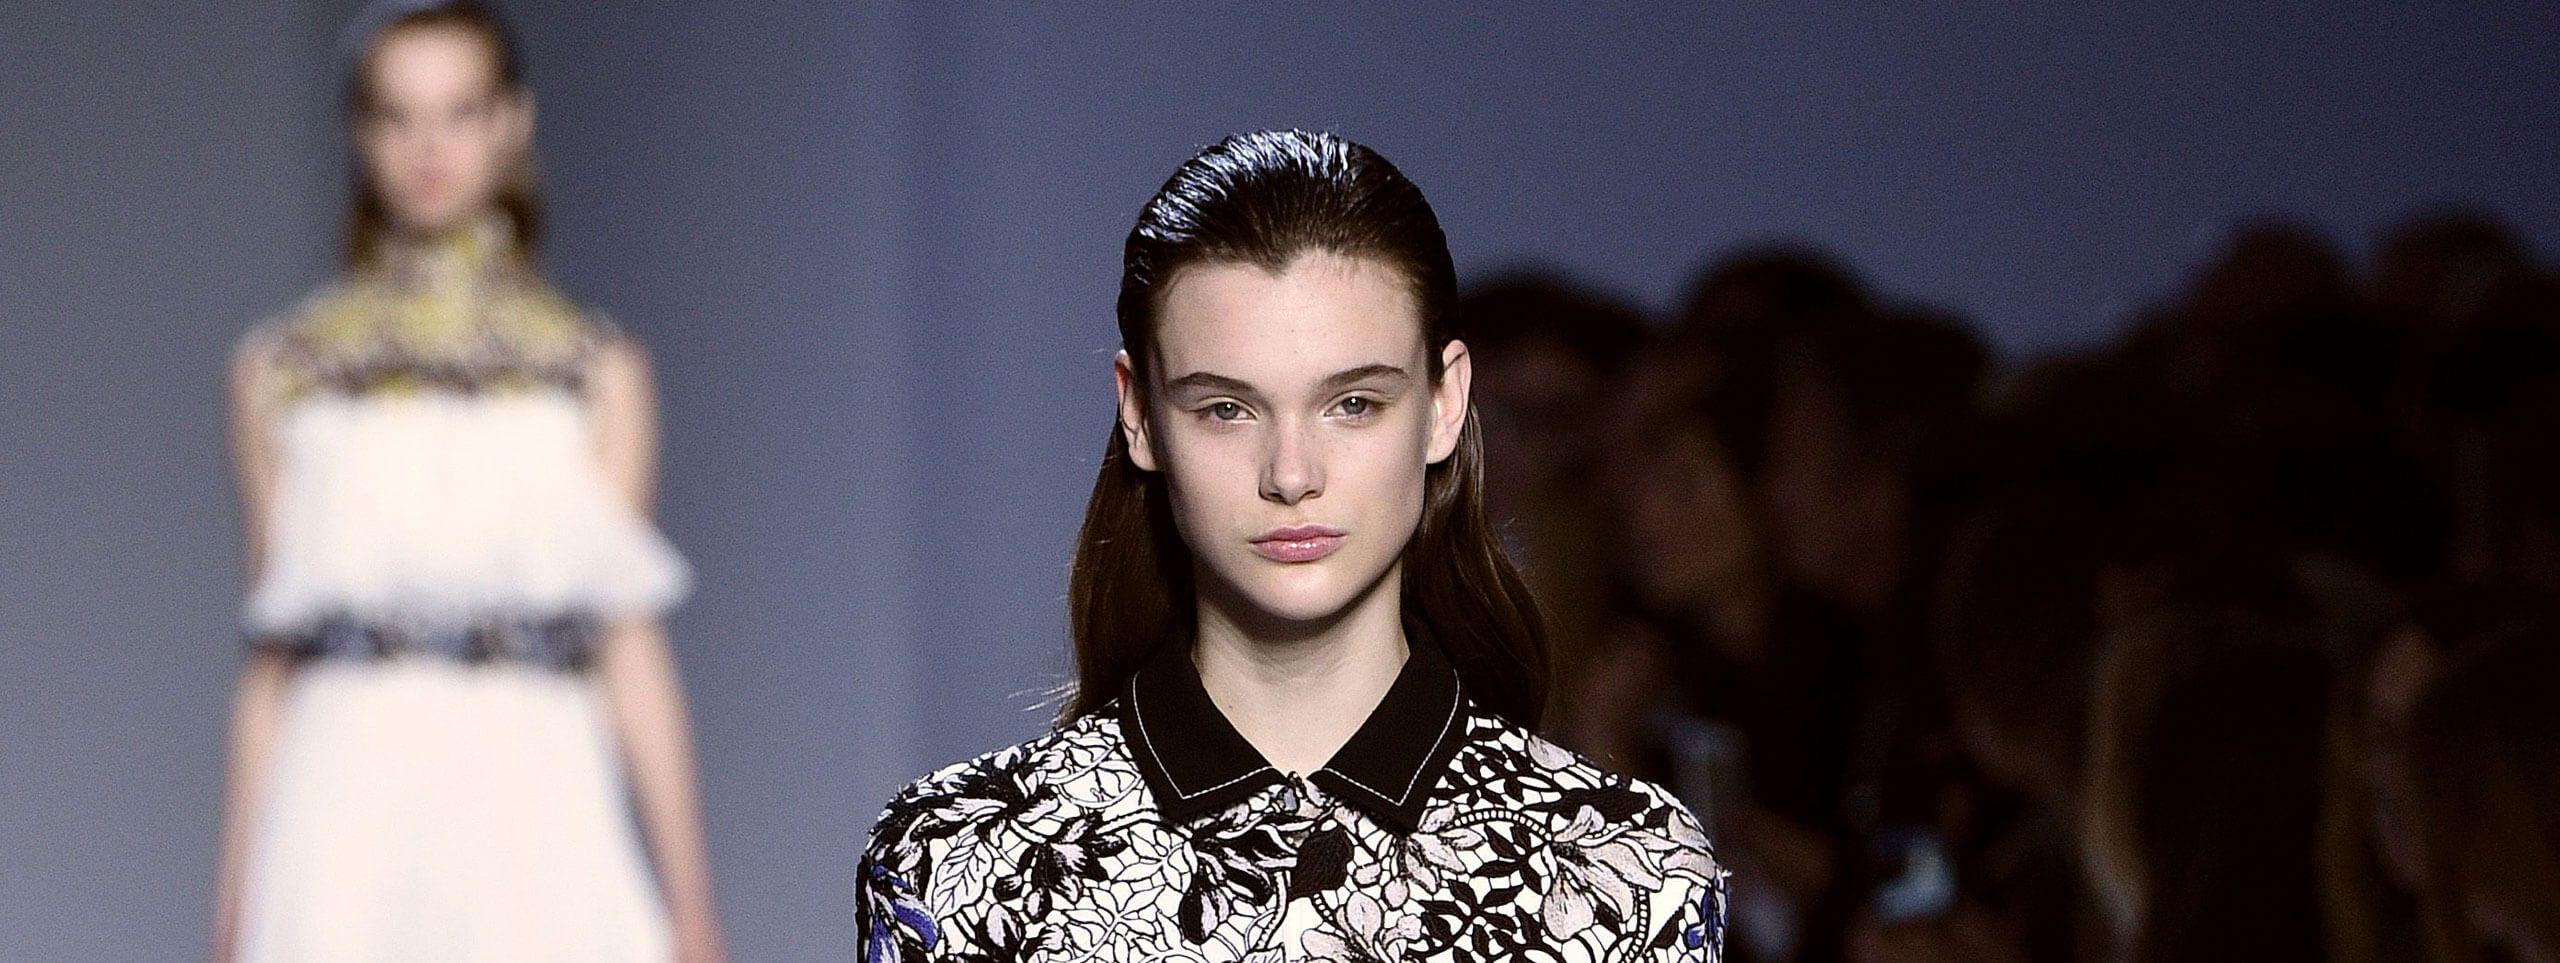 Modelka na wybiegu z fryzurą stylizowaną żelem